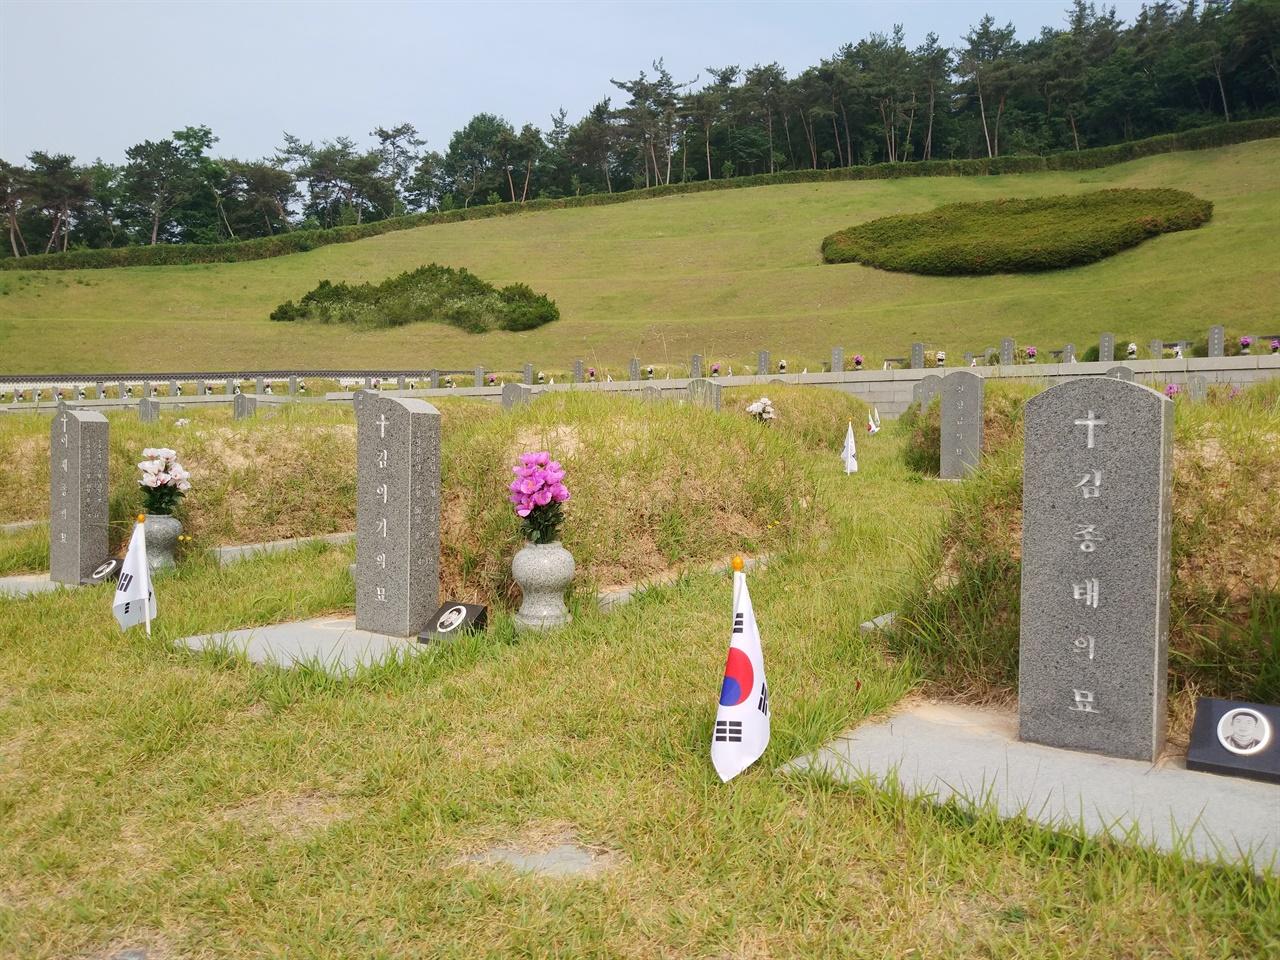 나란히 잠든 김종태 열사와 김의기 열사의 묘 김의기 열사 묘소 왼편에는 5.18 당시 최초의 희생자로 알려진 전북대학생 이세종 열사가 잠들어 있다. 국립 5.18 민주묘지에 가거든, 이 세 청년의 묘소를 찾아 참배하길 권한다.